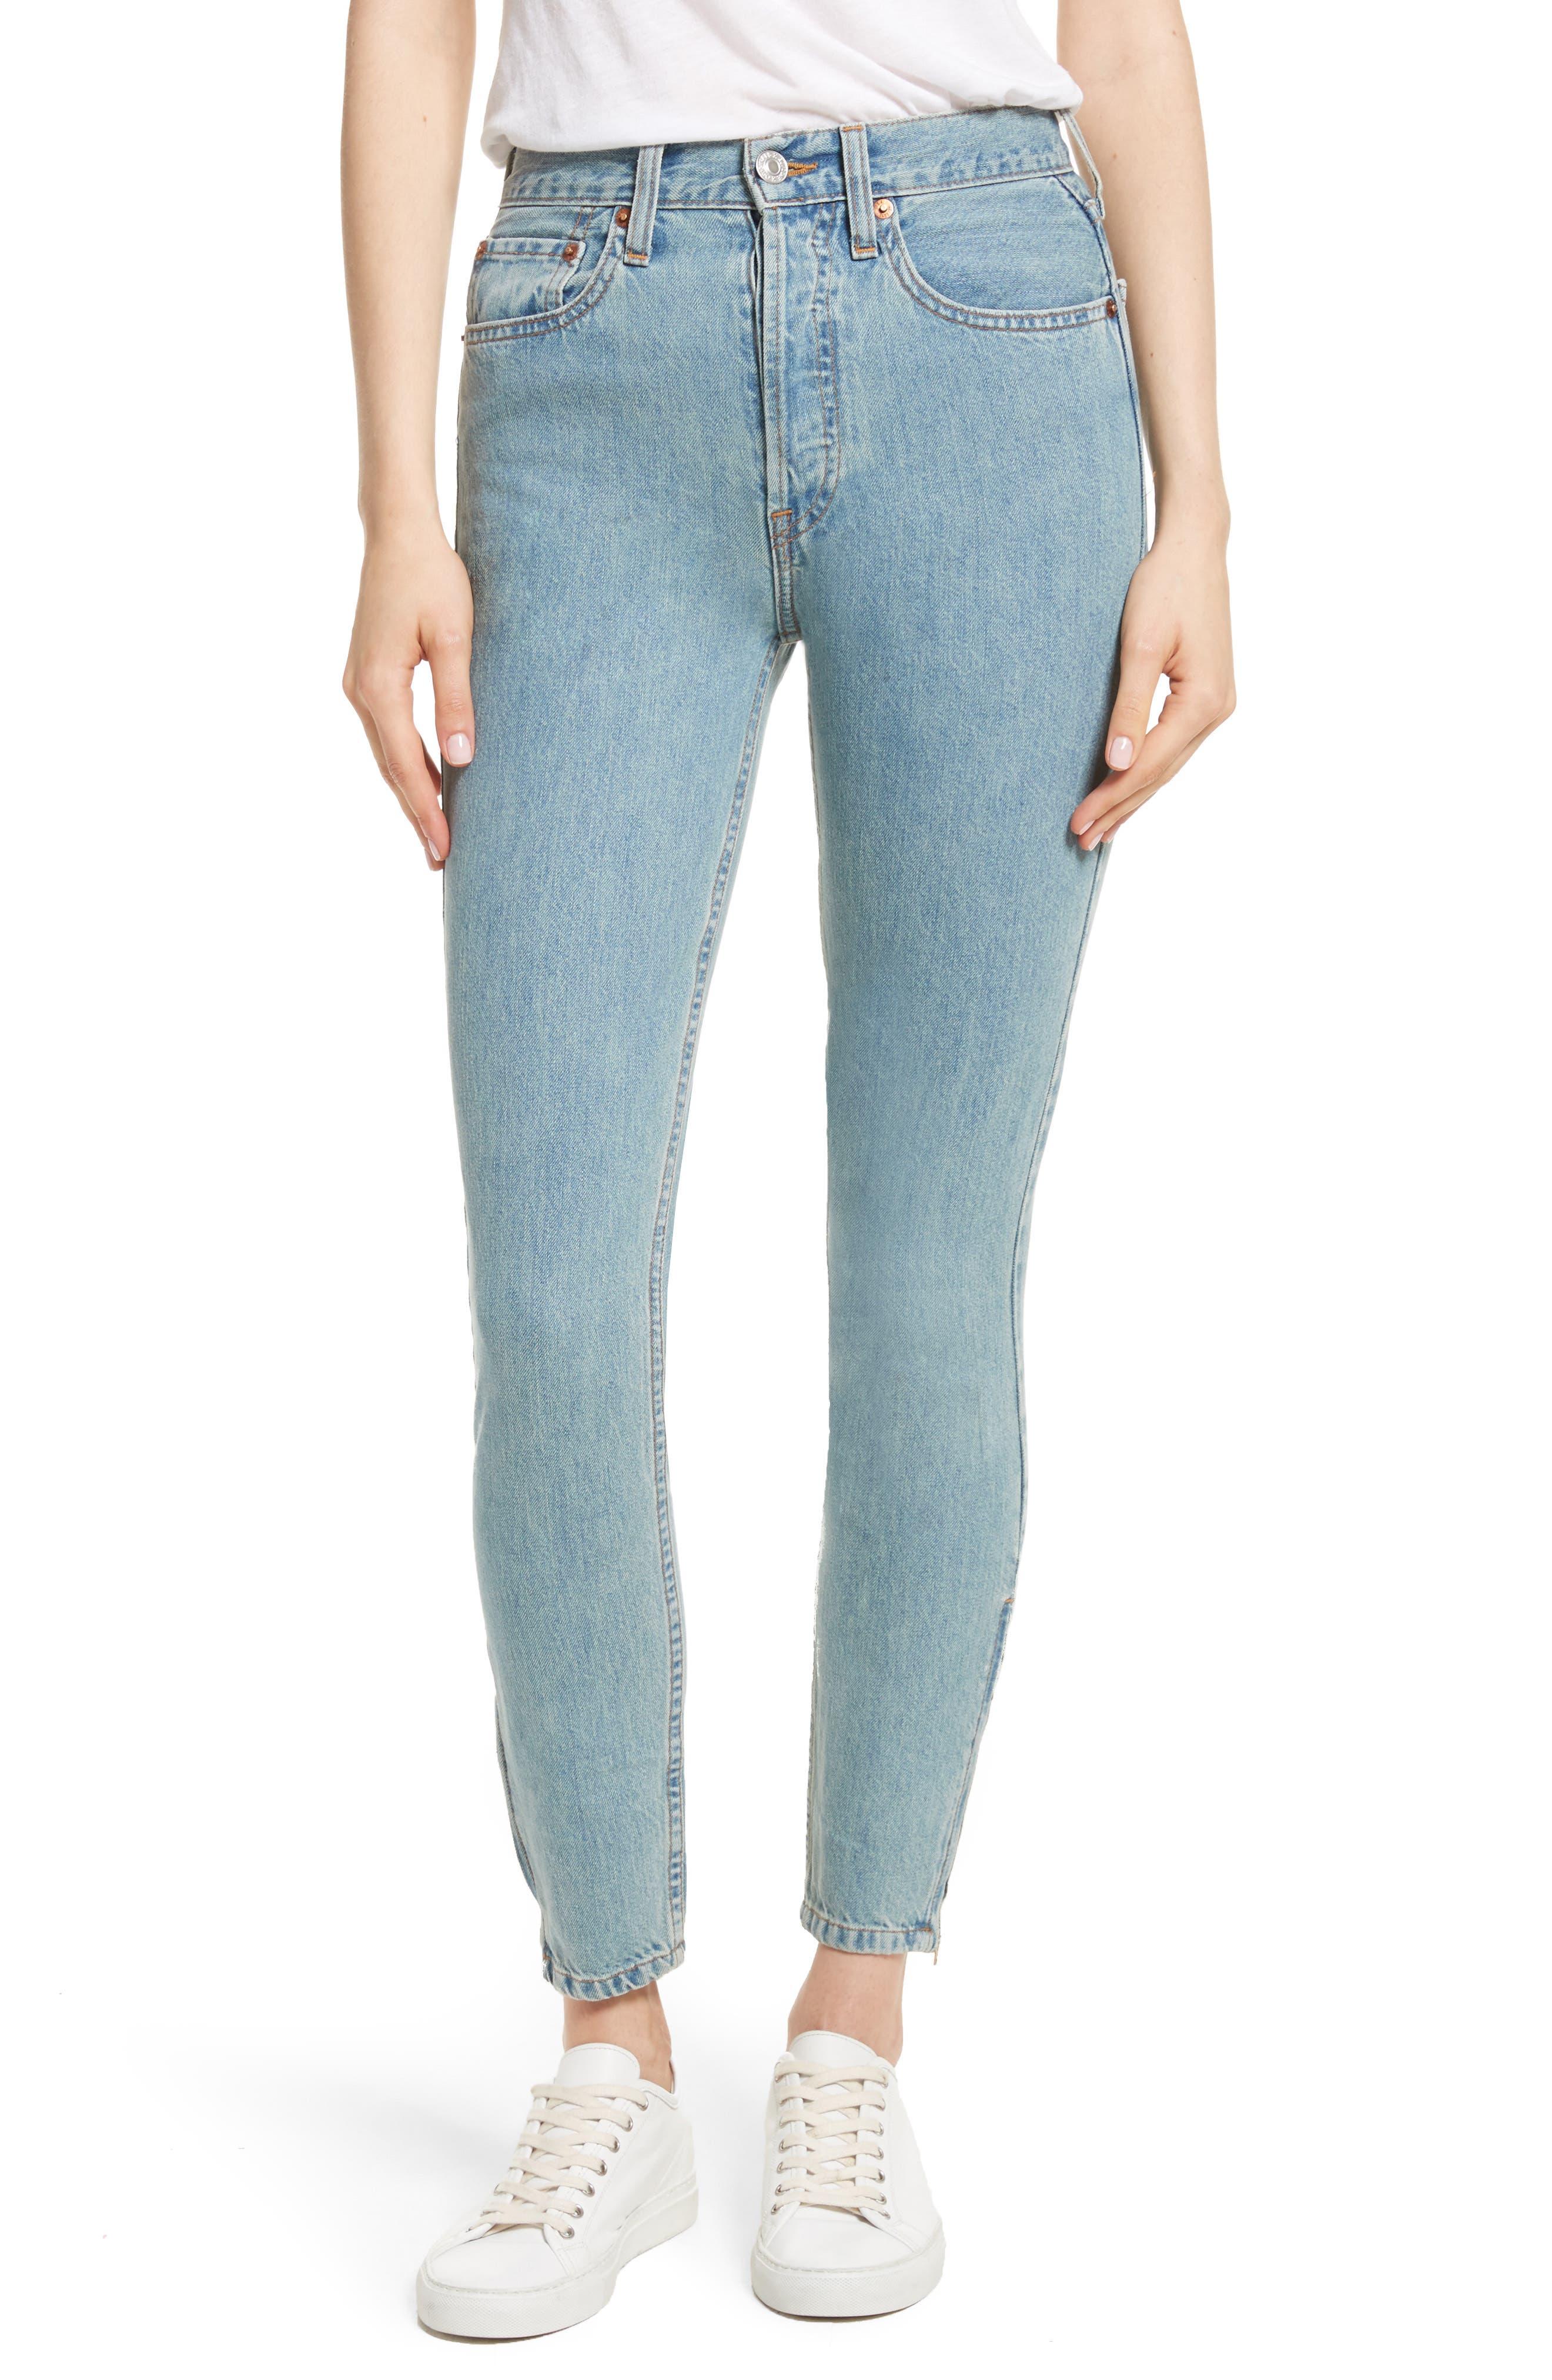 Originals High Waist Ankle Zip Jeans,                             Main thumbnail 1, color,                             90S